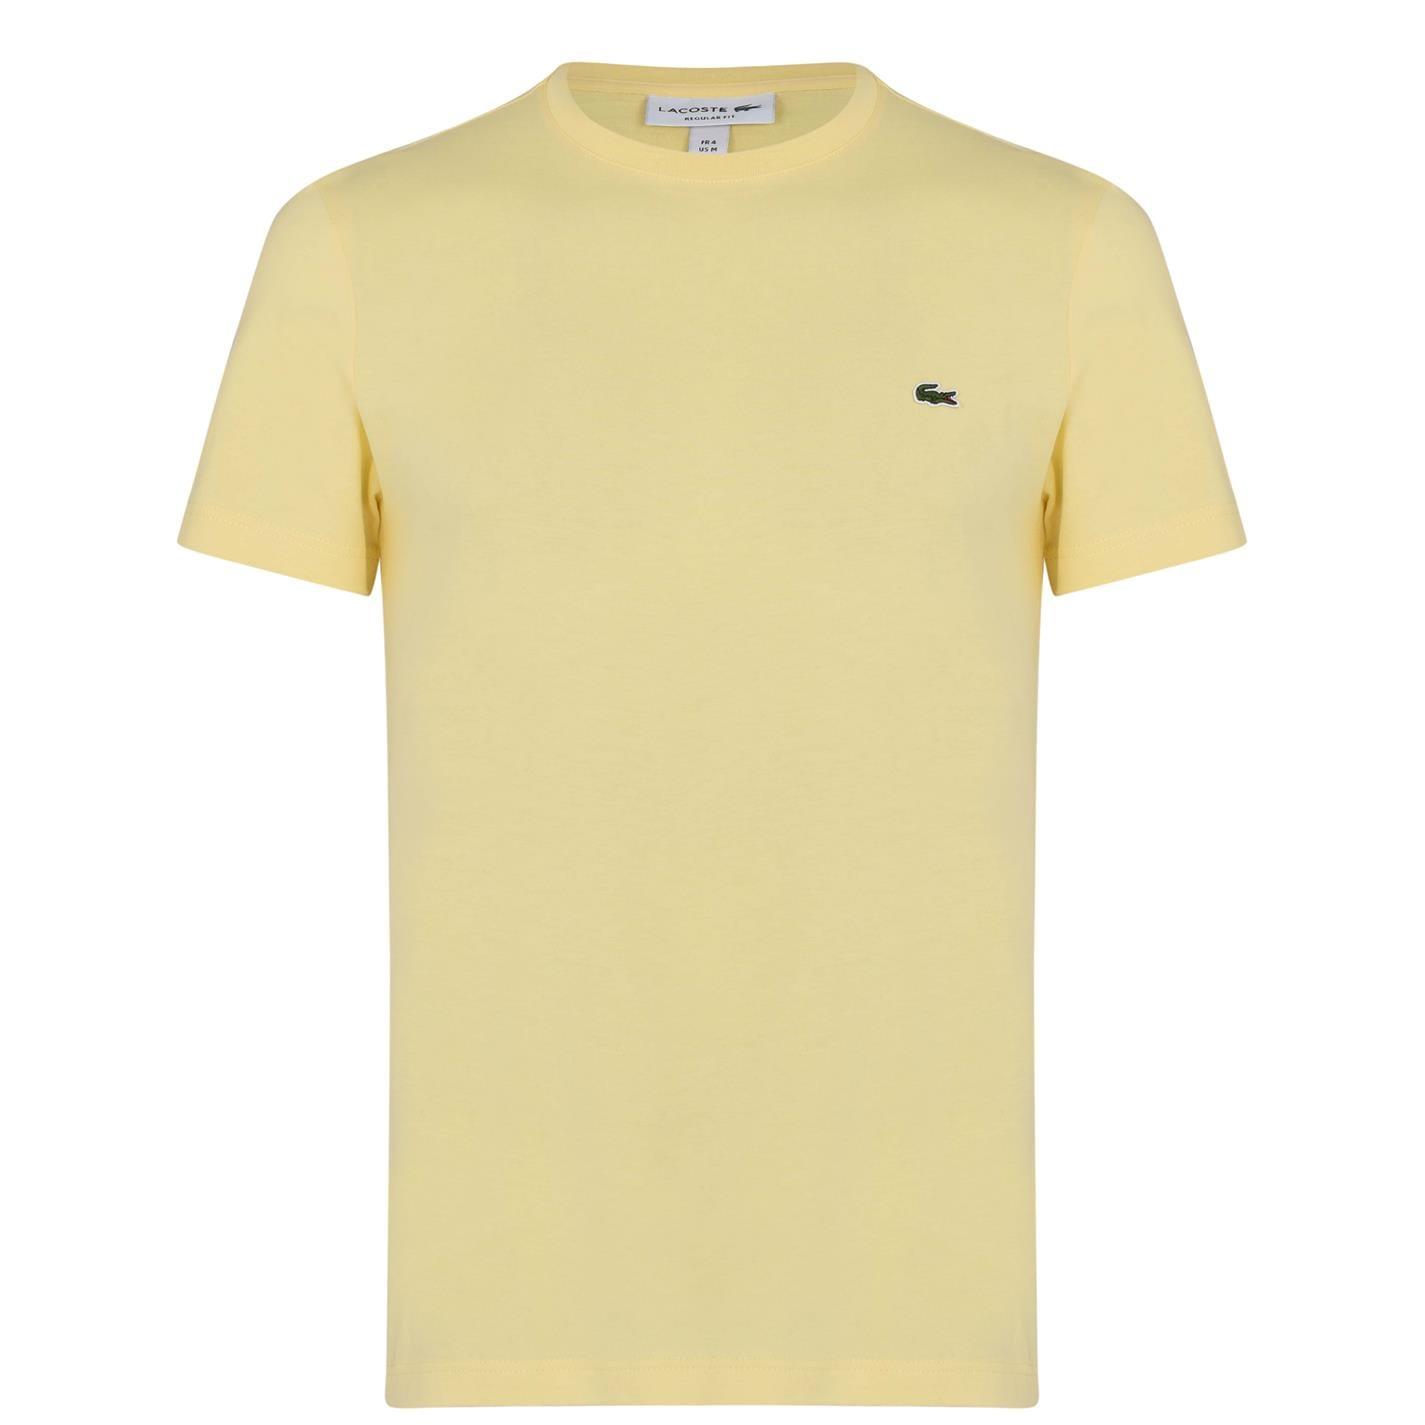 Mergi la Tricou cu imprimeu Lacoste galben wwj